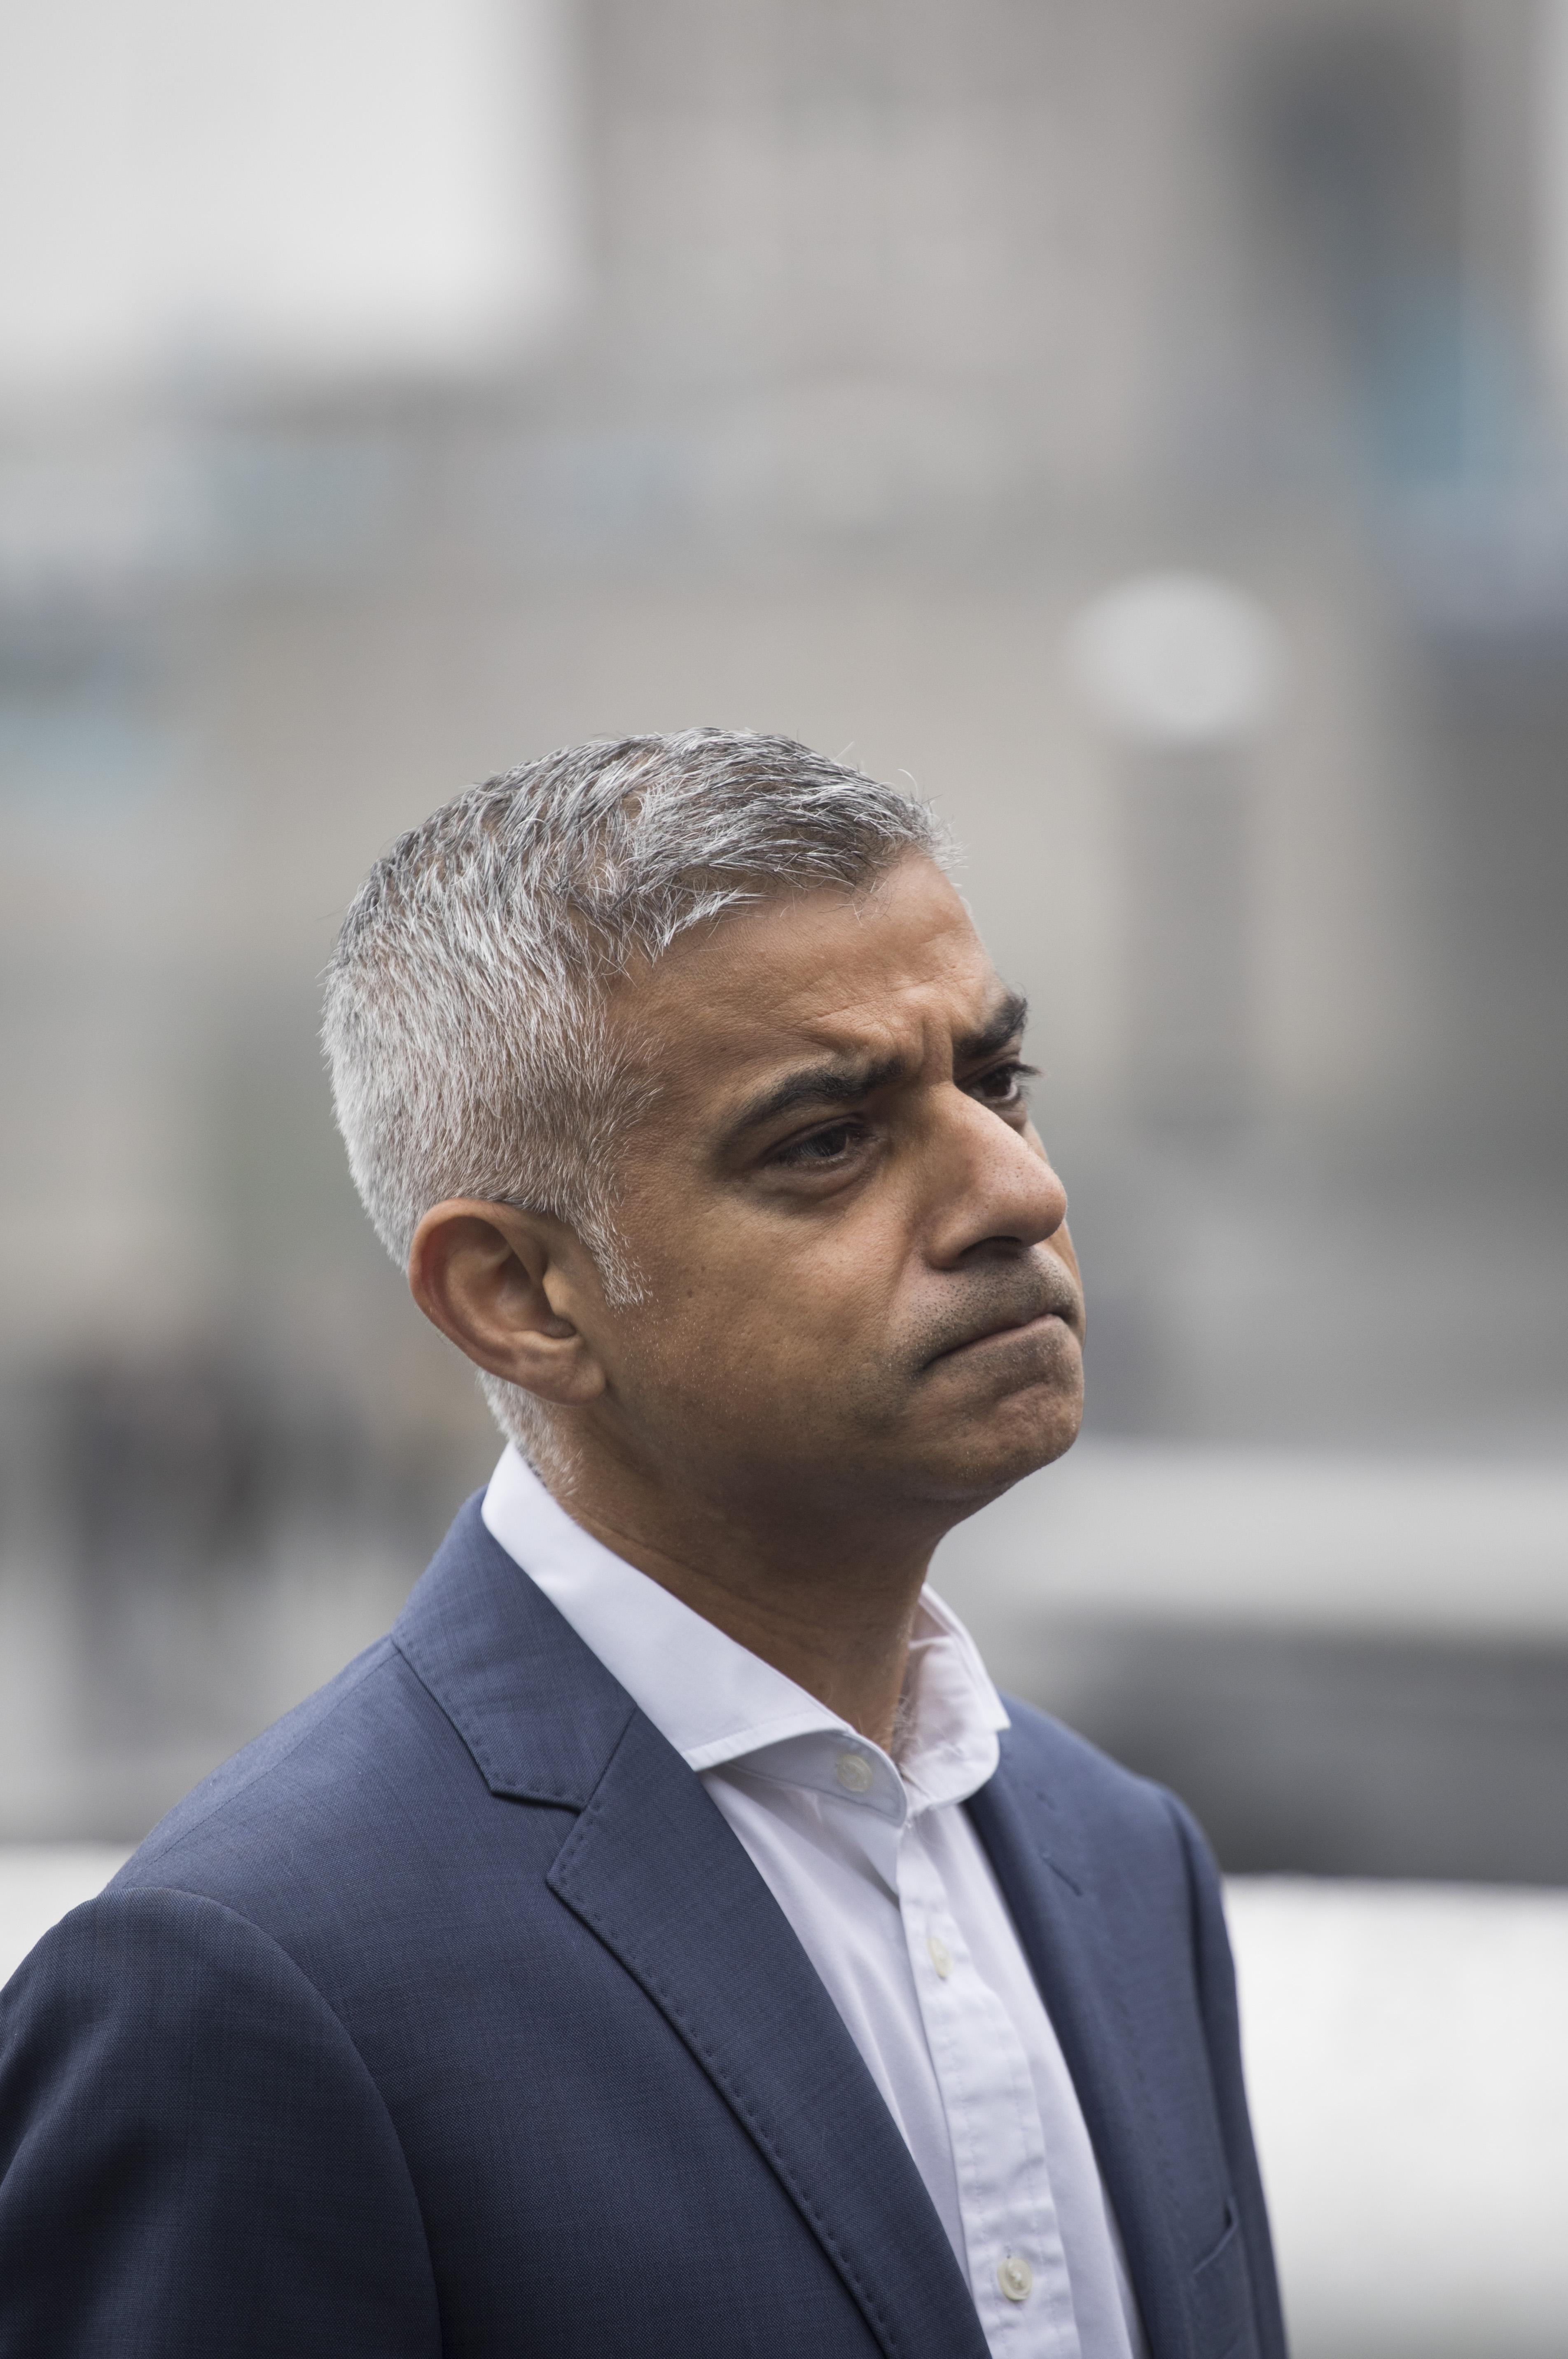 Sadiq Khan a fost reales pentru un al doilea mandat în funcția de primar al Londrei